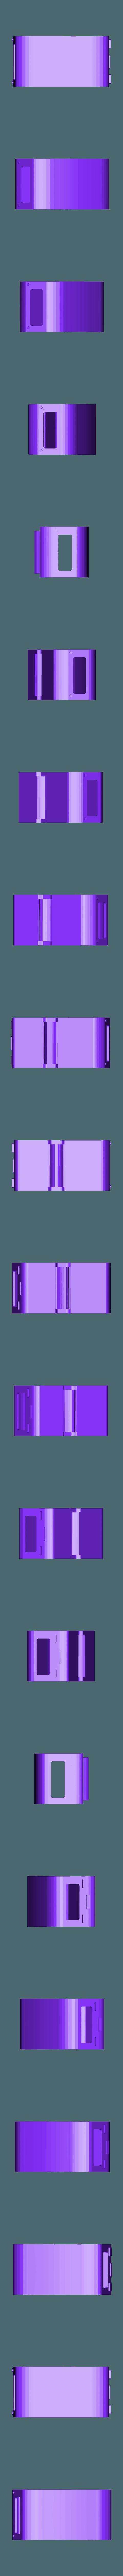 Caisse.STL Download STL file Caravan 3Places • 3D printable model, dede34500